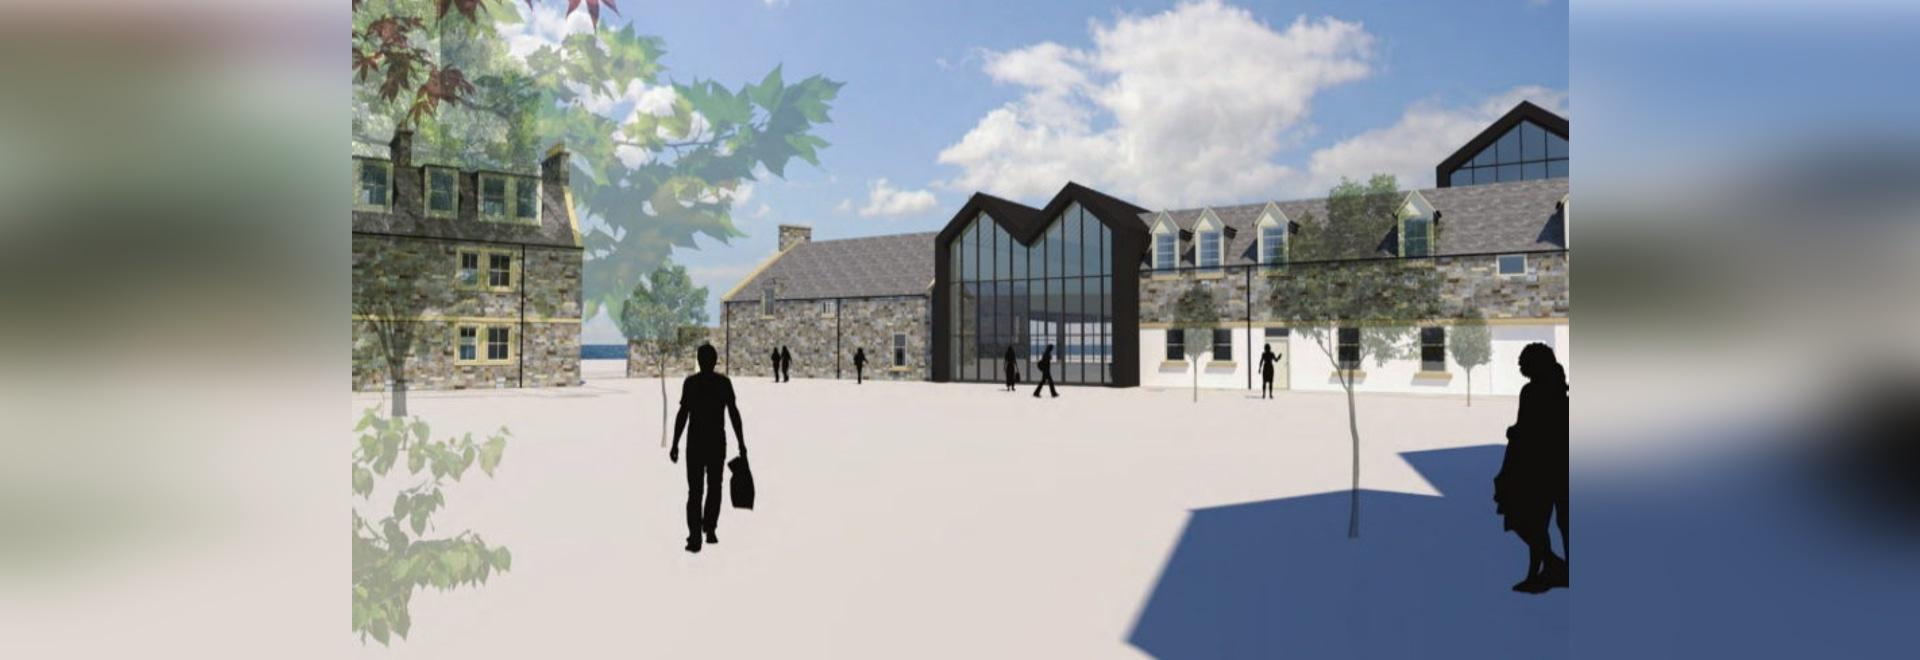 St. Andrews schlägt einen neuen Plan für die Studentengrabung vor